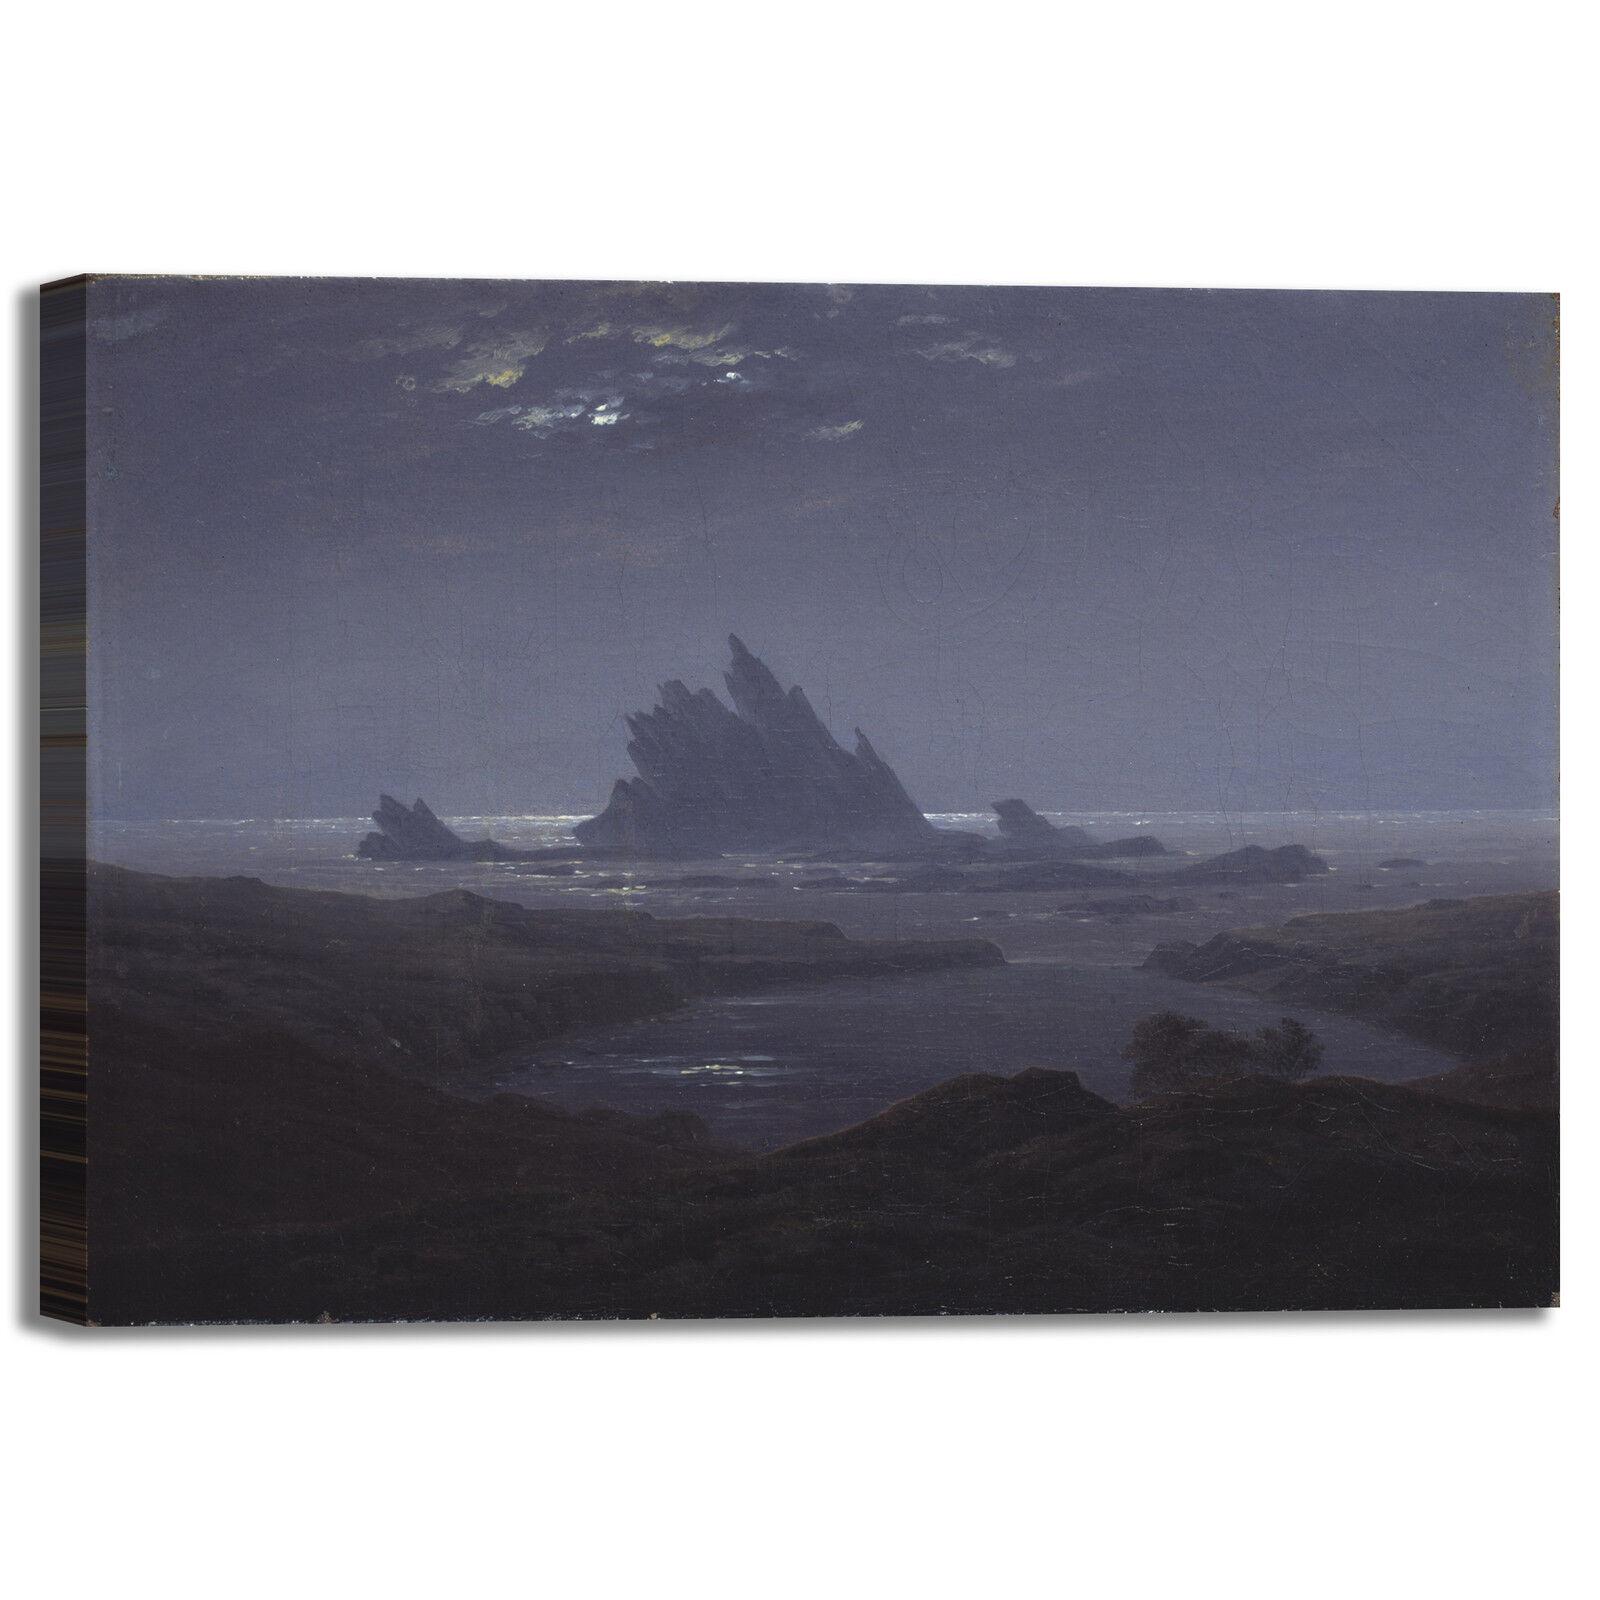 Caspar scogliera rocciosa design quadro stampa tela dipinto telaio arroto casa